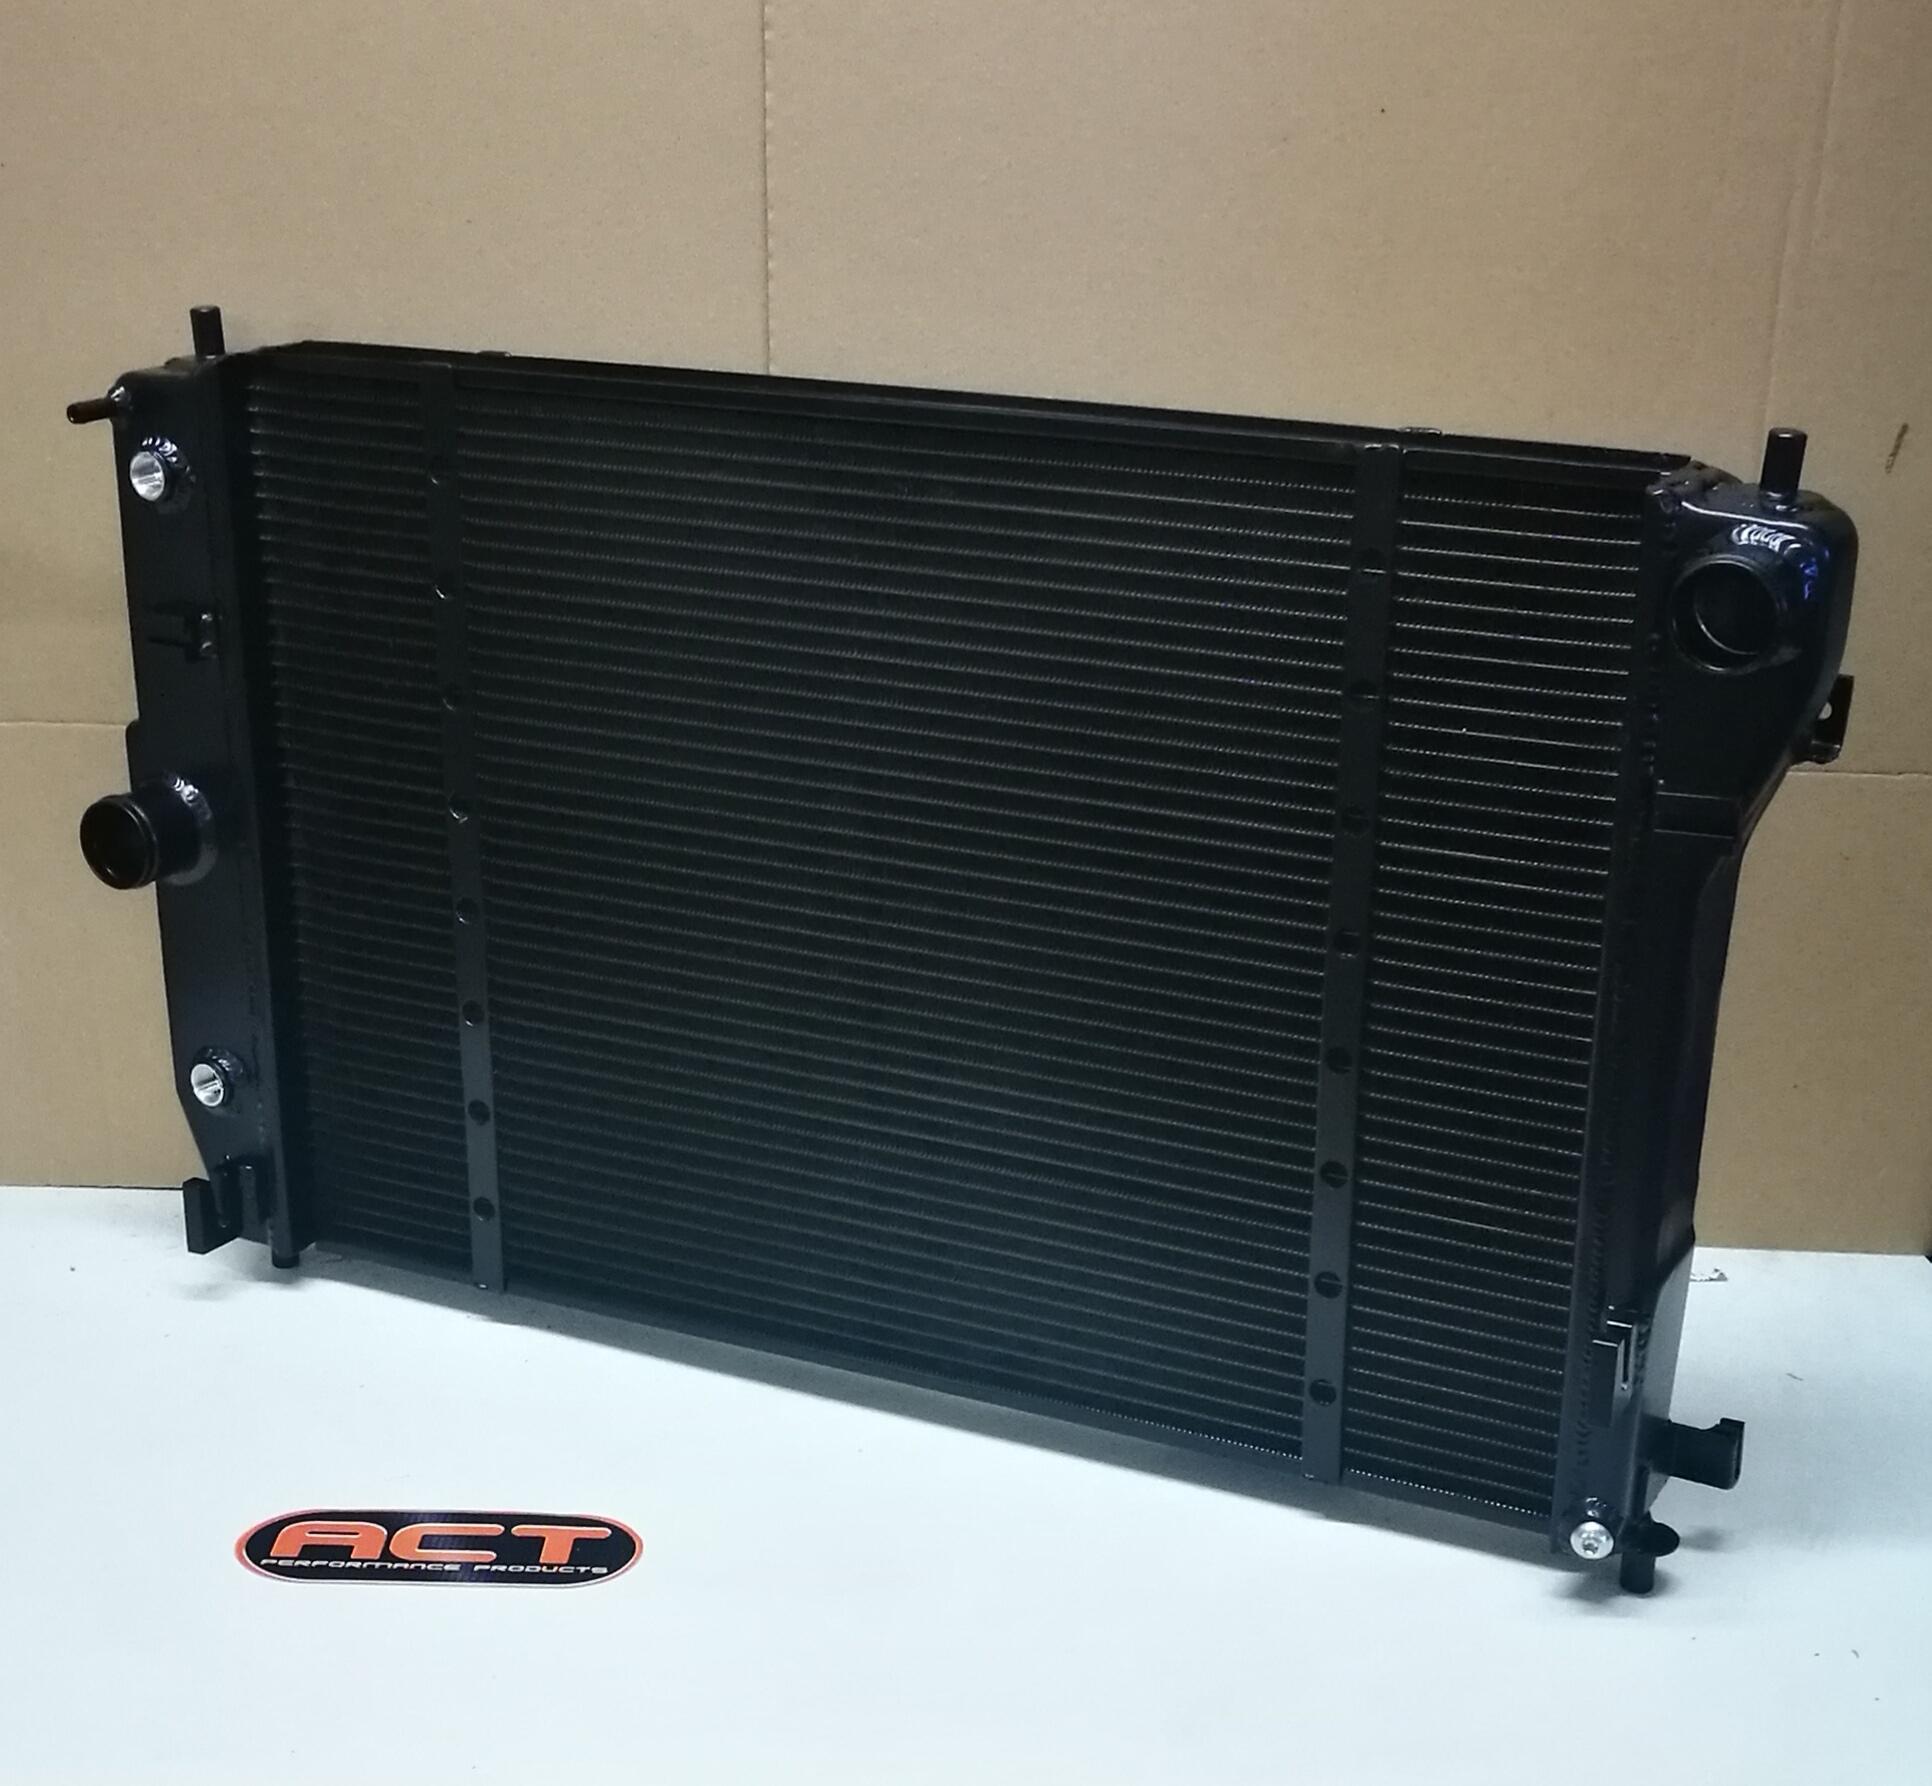 DB7 radiator